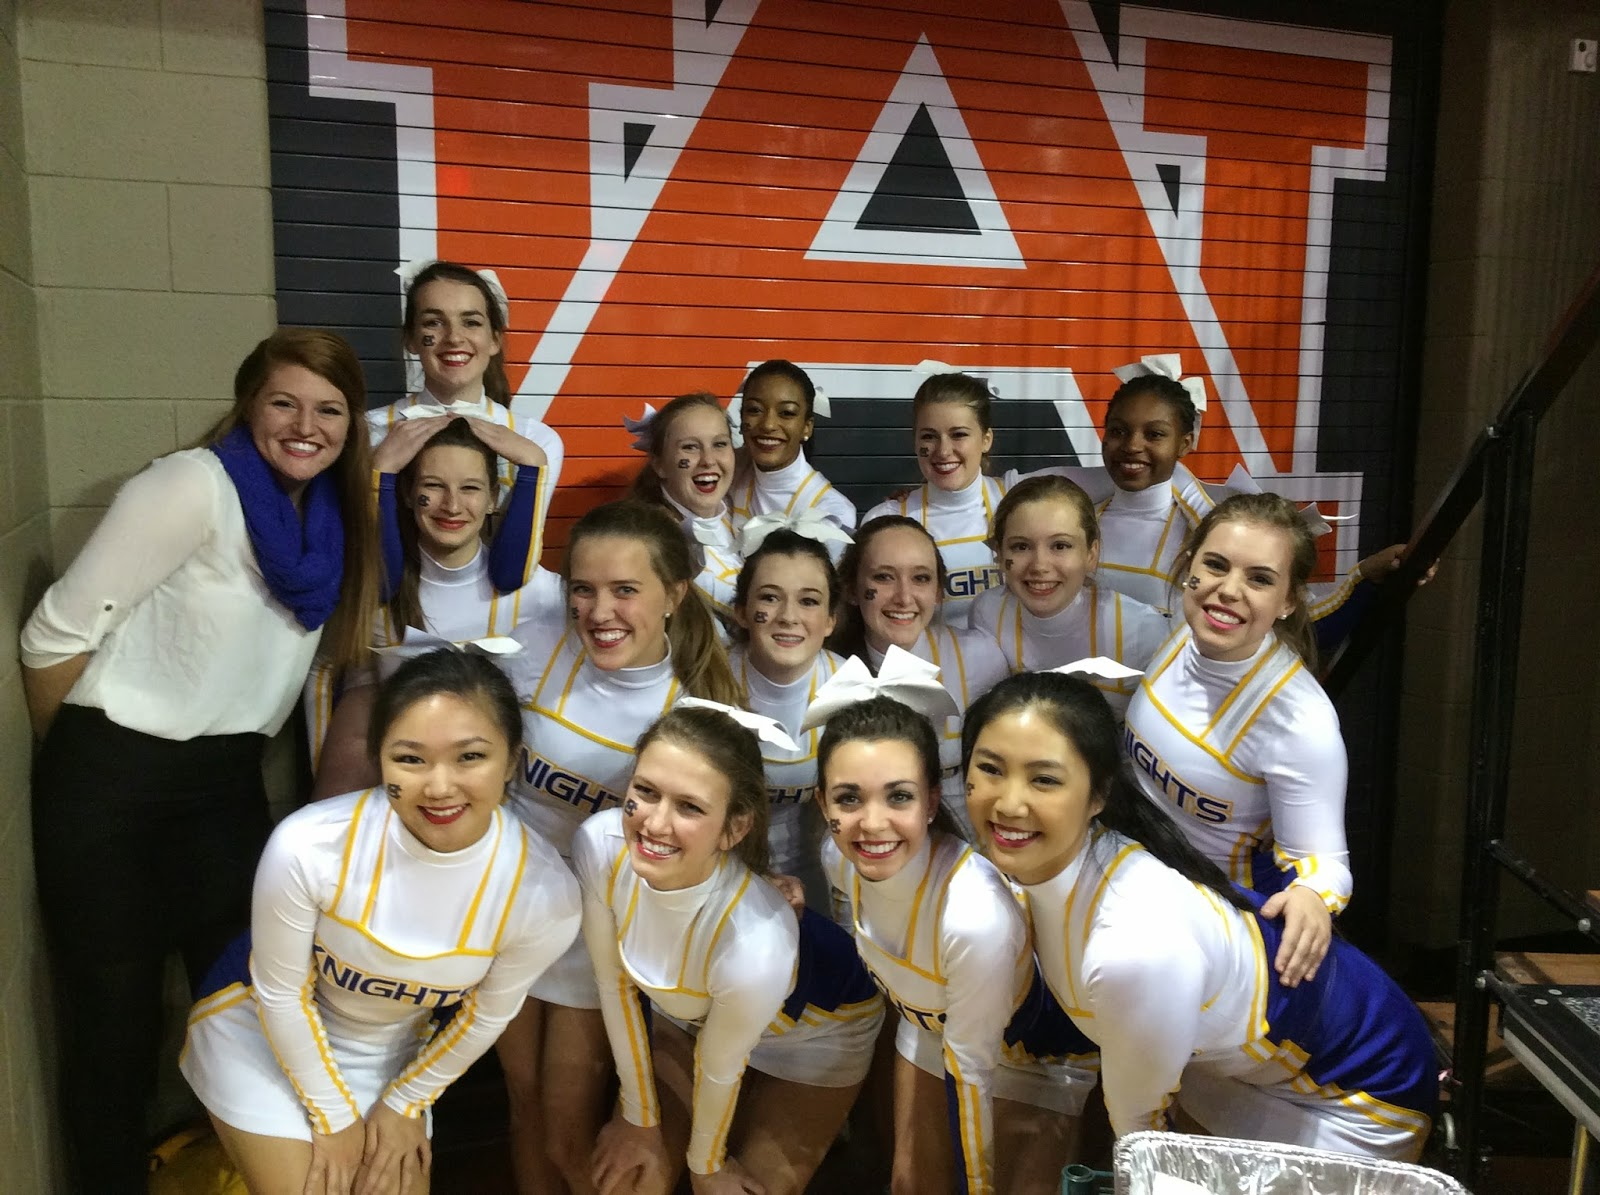 Montgomery Catholic Cheerleaders Invited to Cheer at Auburn University 1